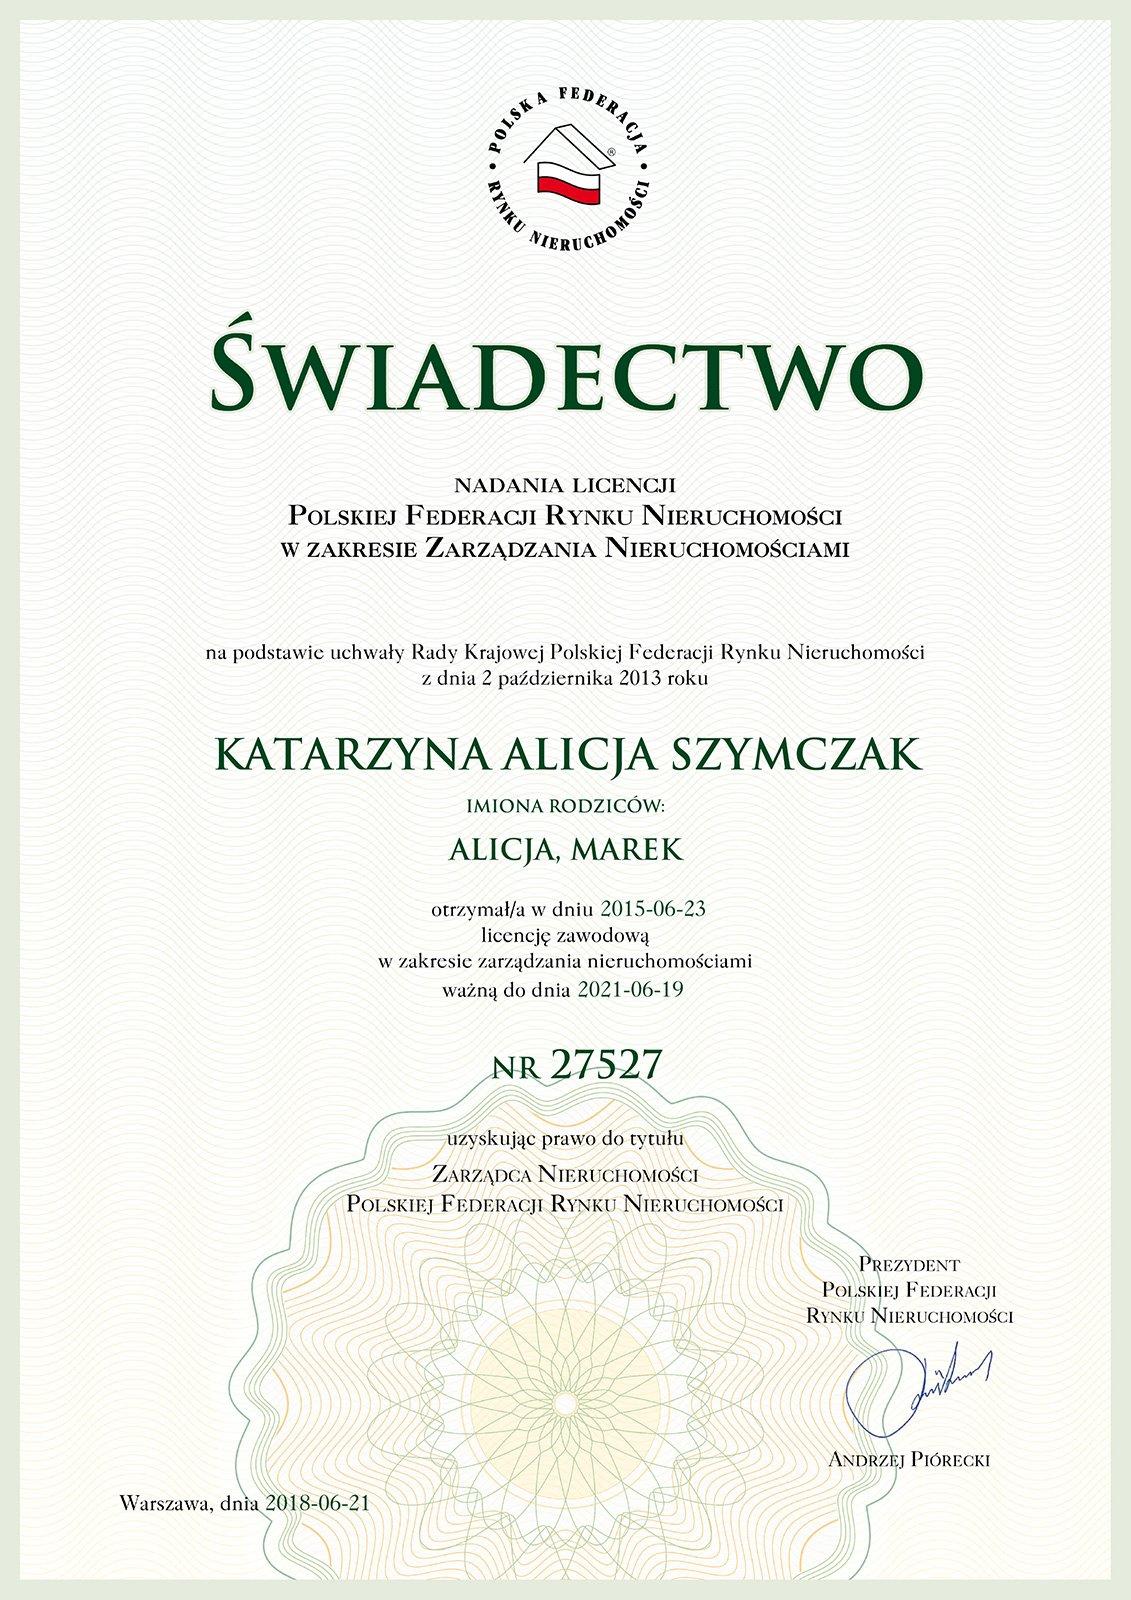 min-licencja-zarzadcy-katarzyna-alicja-szymczak-27527